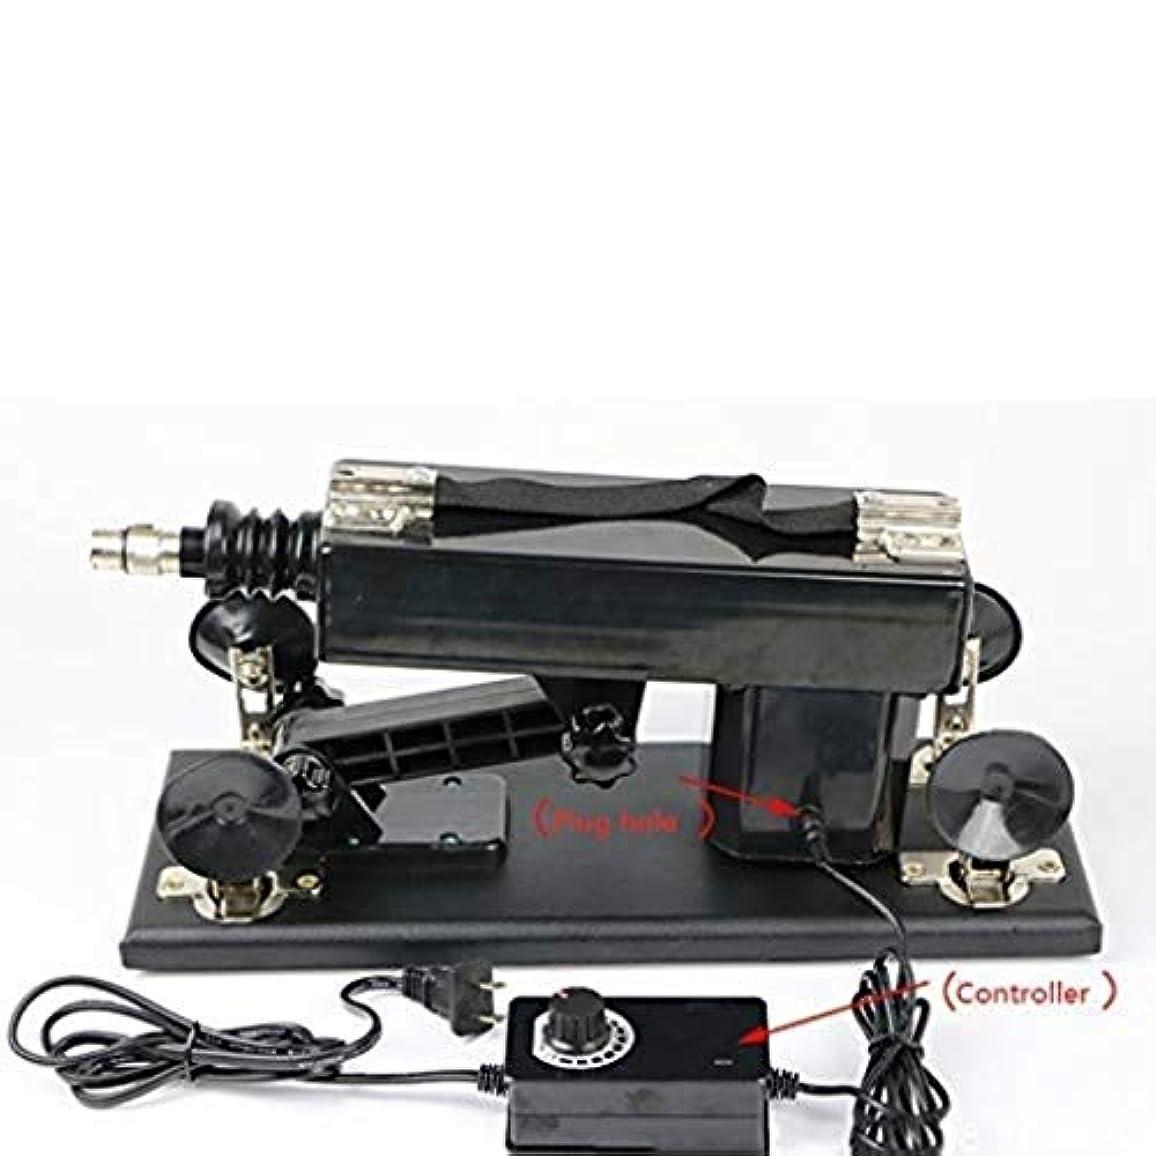 曲線広々華氏Risareyi 電気自動大人機械マッサージツール速度と角度すべて制御マルチ角度調整可能な大人のおもちゃ6おもちゃ最高の贈り物